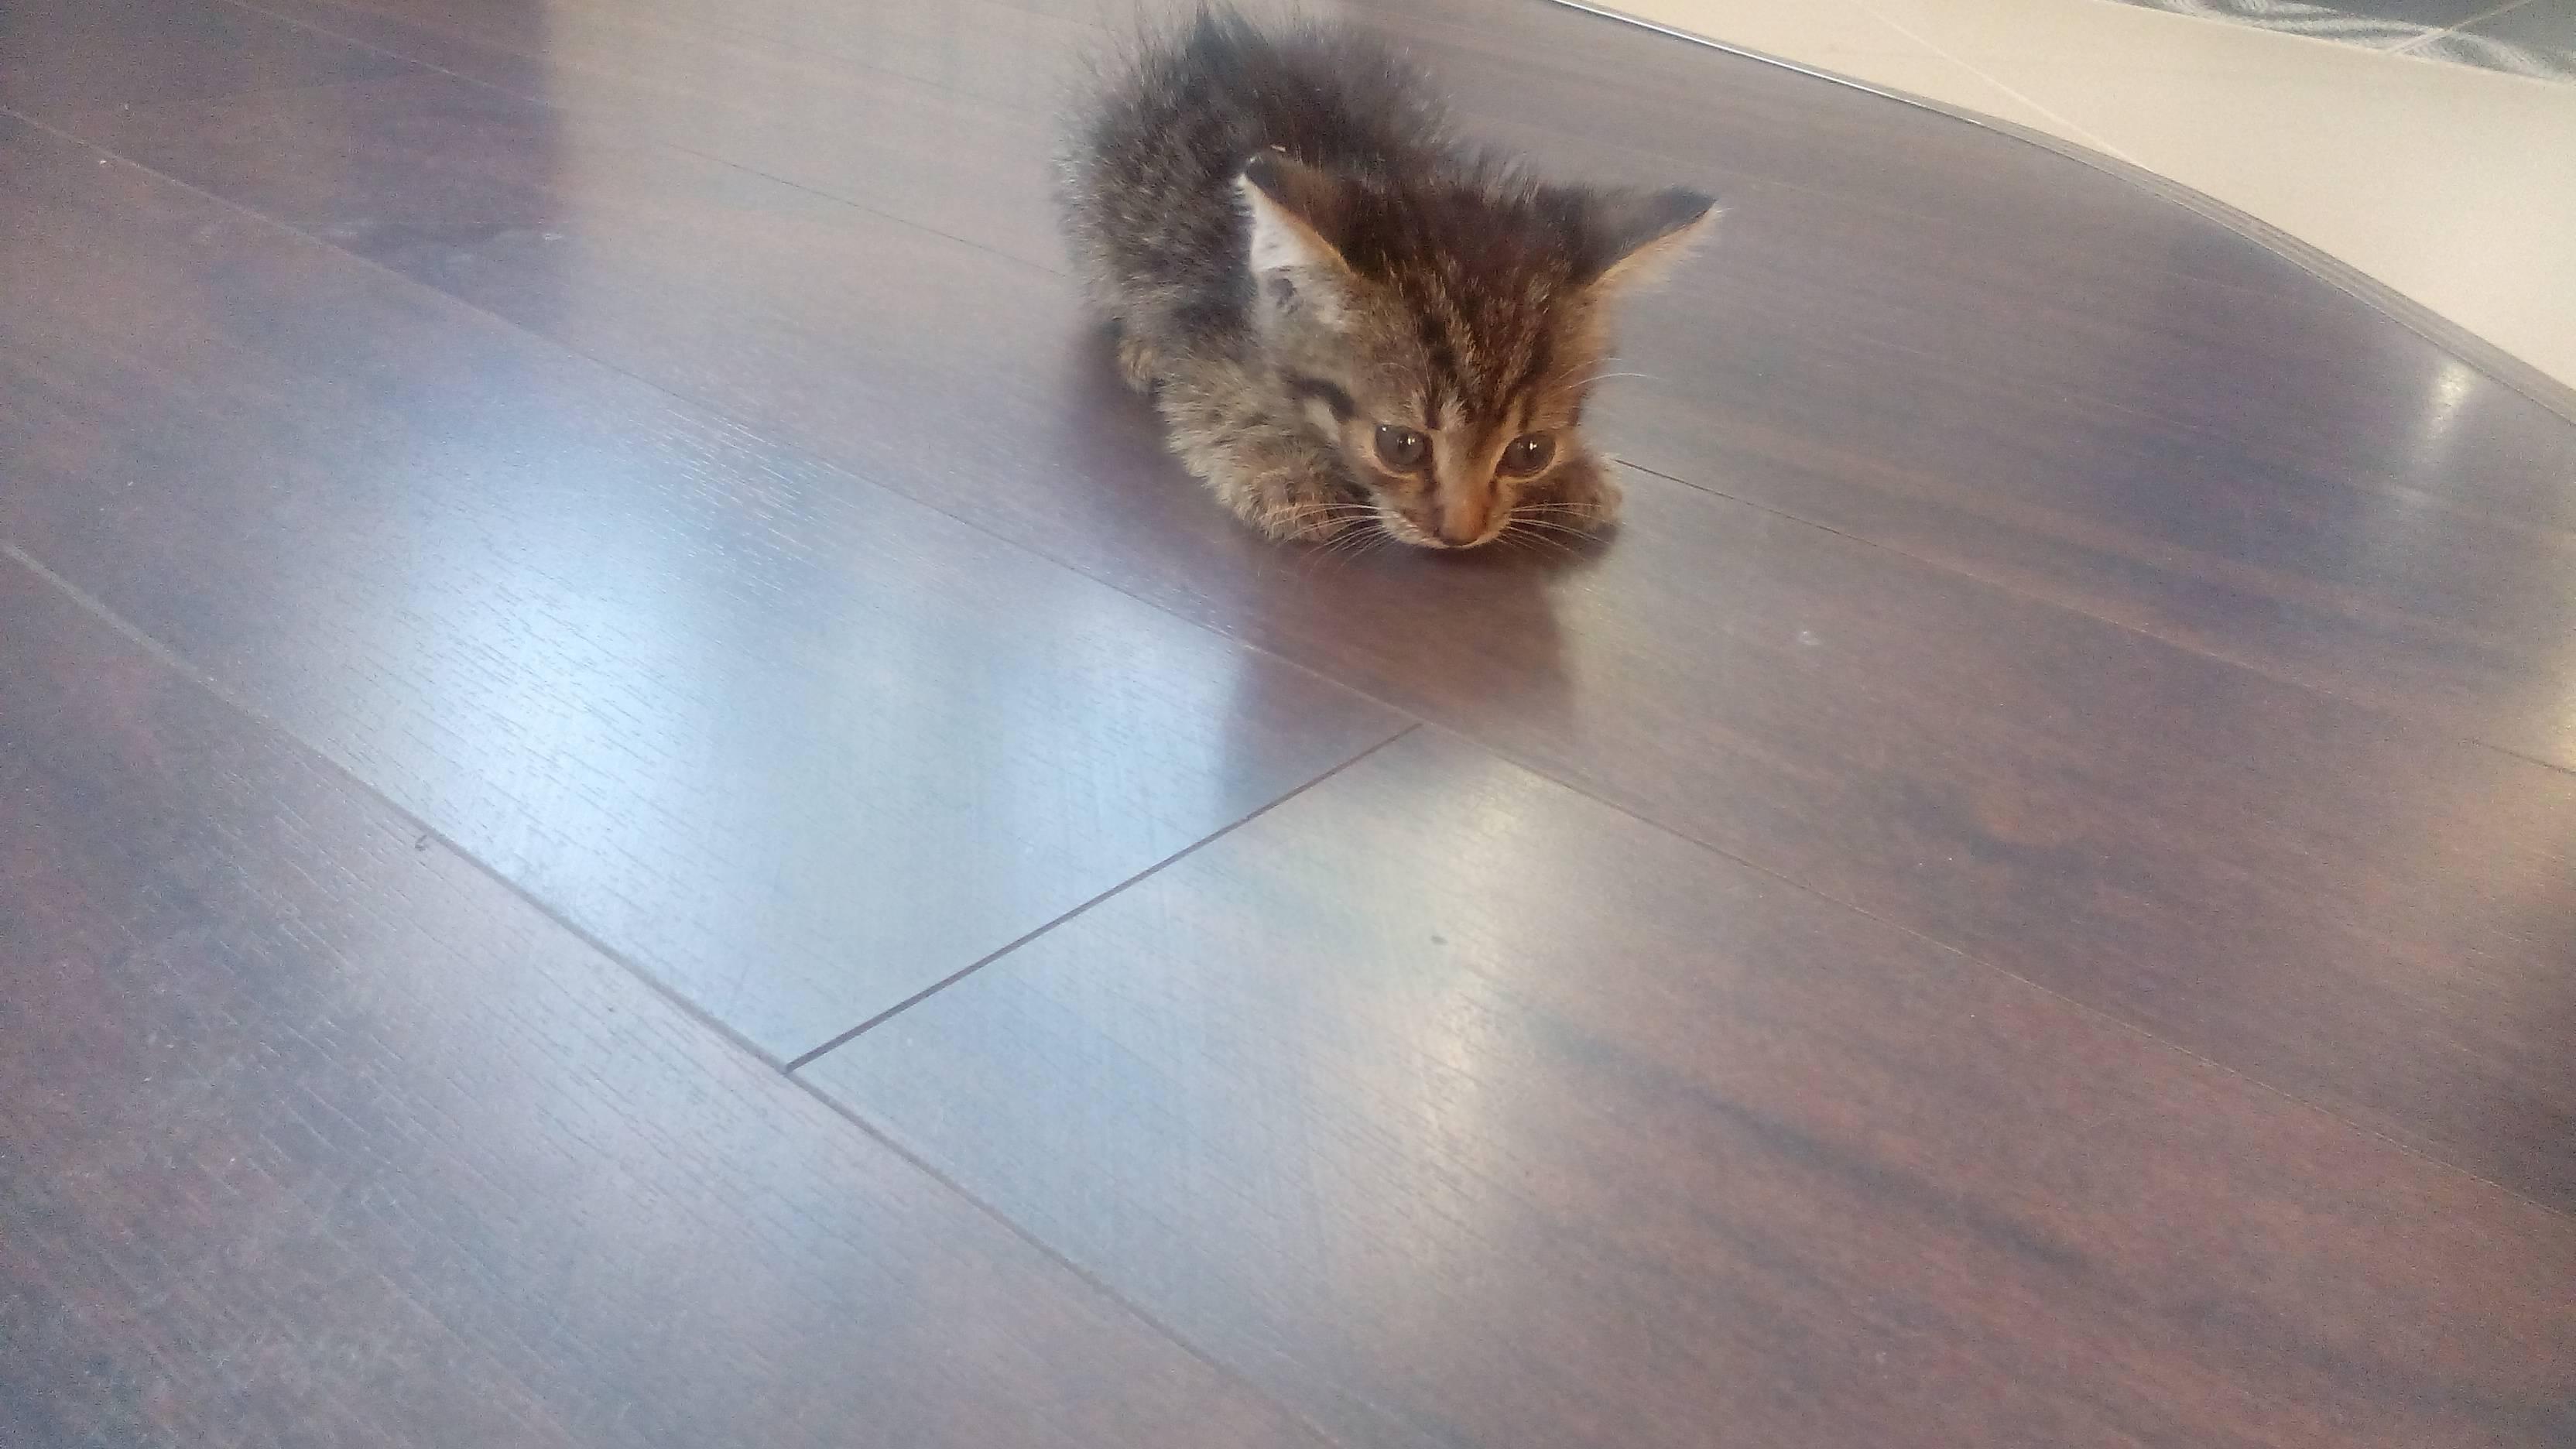 Судороги у кошки причины и лечение - муркин дом